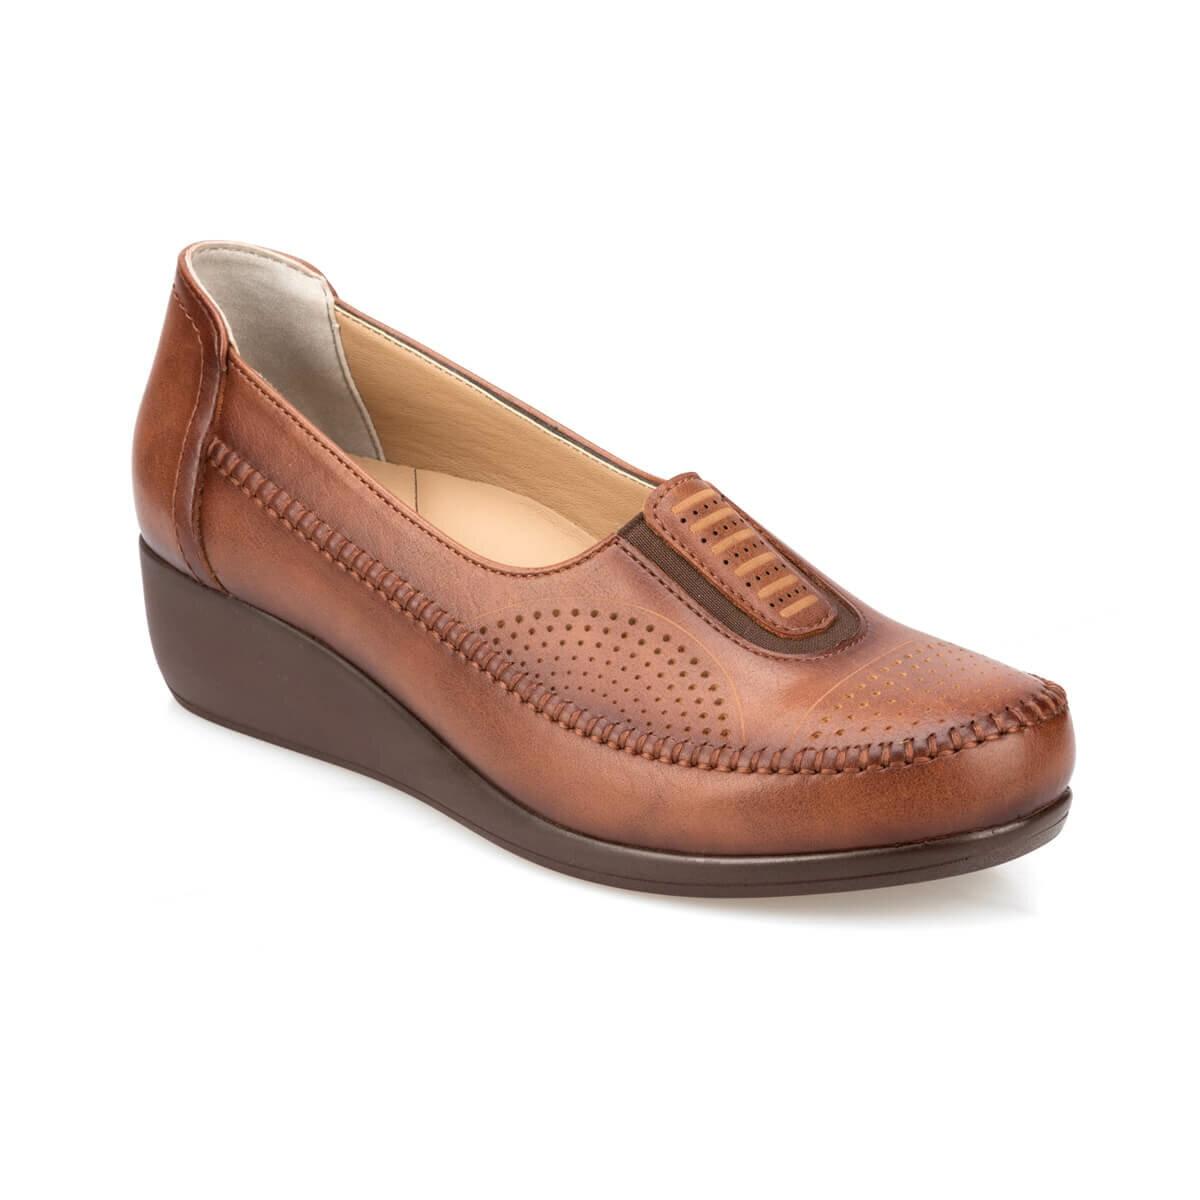 FLO 91.111028.Z Tan Women Staples Shoes Polaris 5 Point